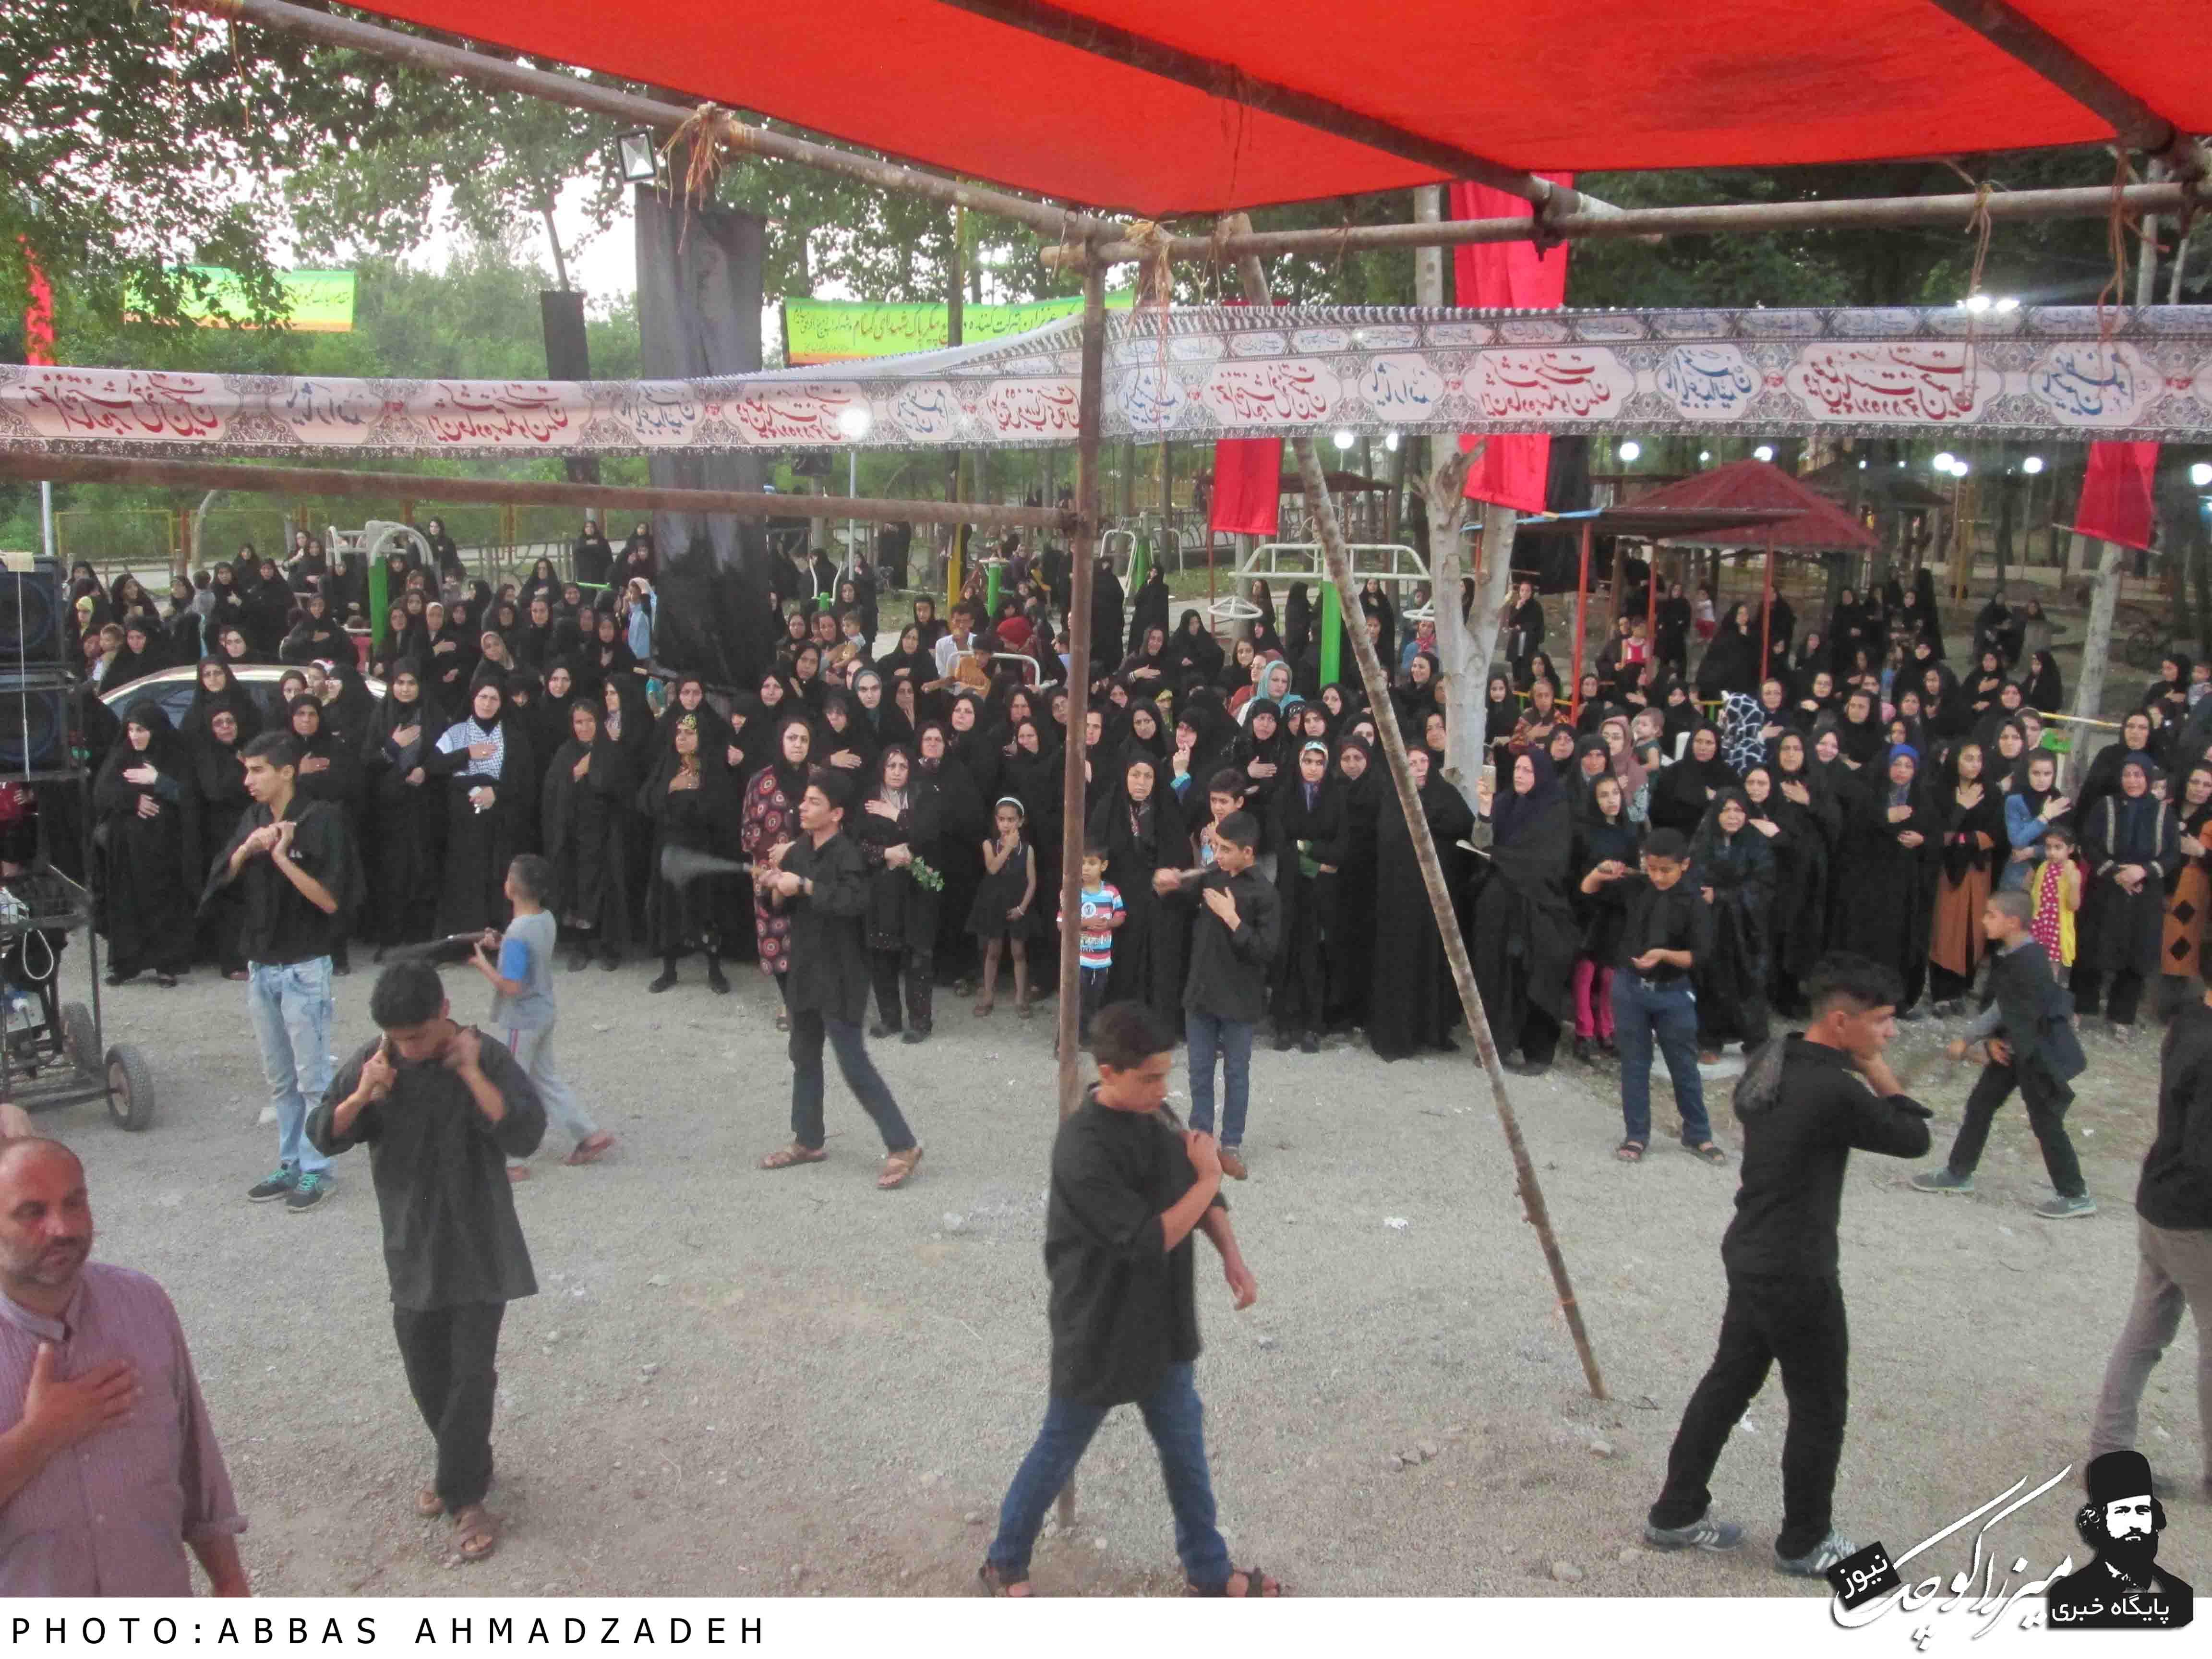 مراسم زنجیز زنی بمناسبت هفتم شهدای گمنام شهر گوراب زرمیخ